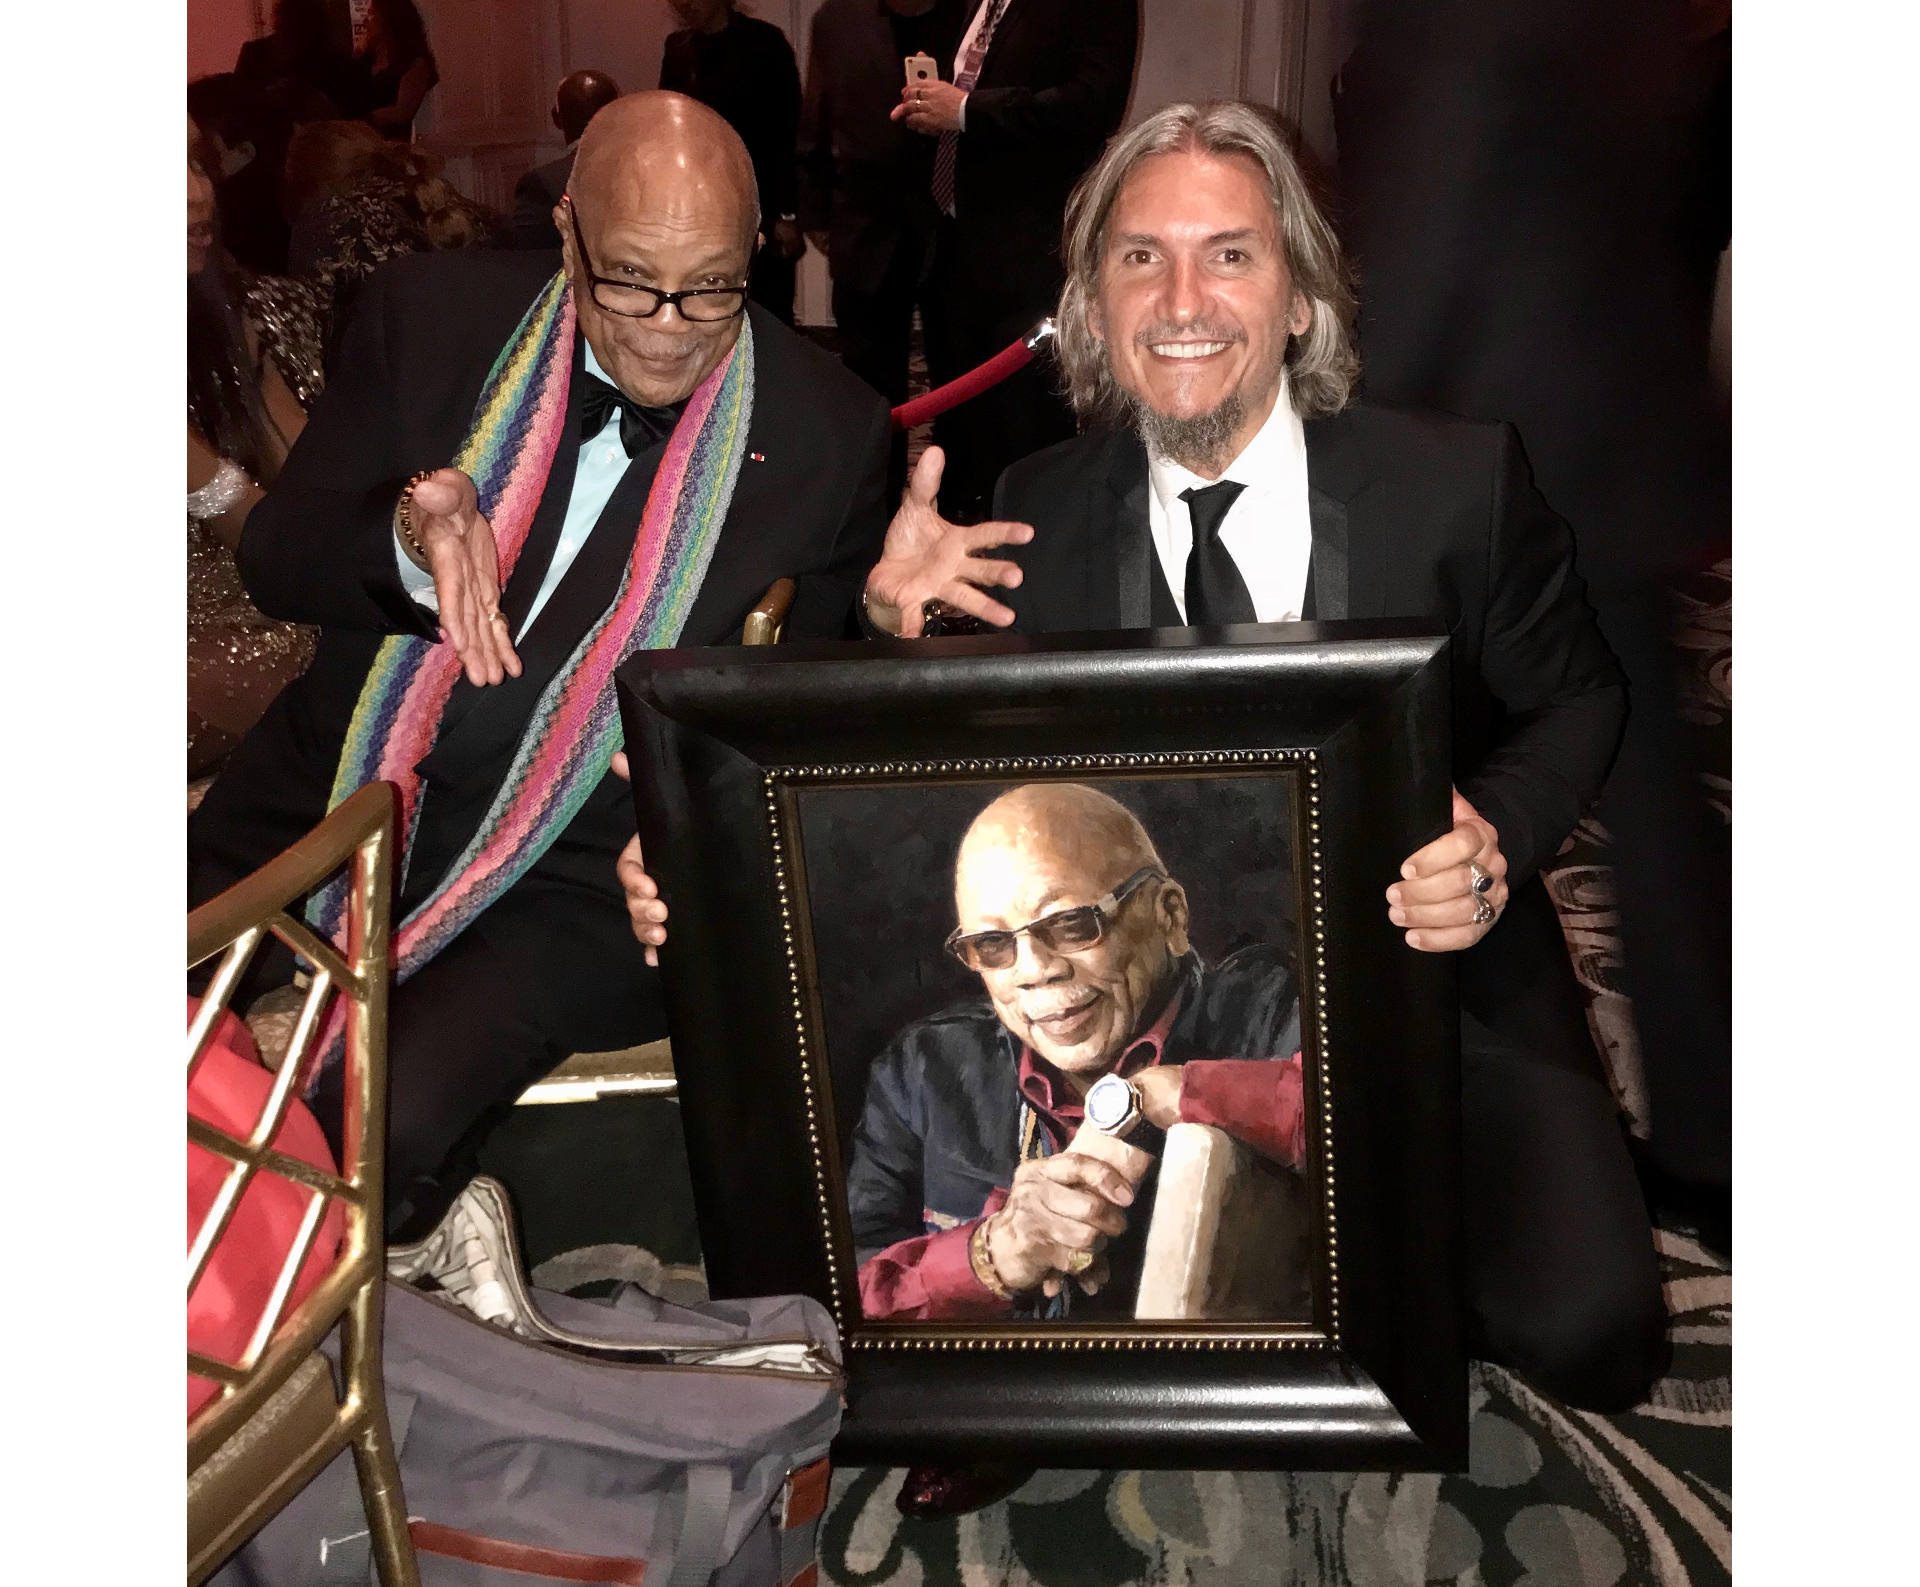 Jeff Goldblum holding portrait next to Fabian Perez